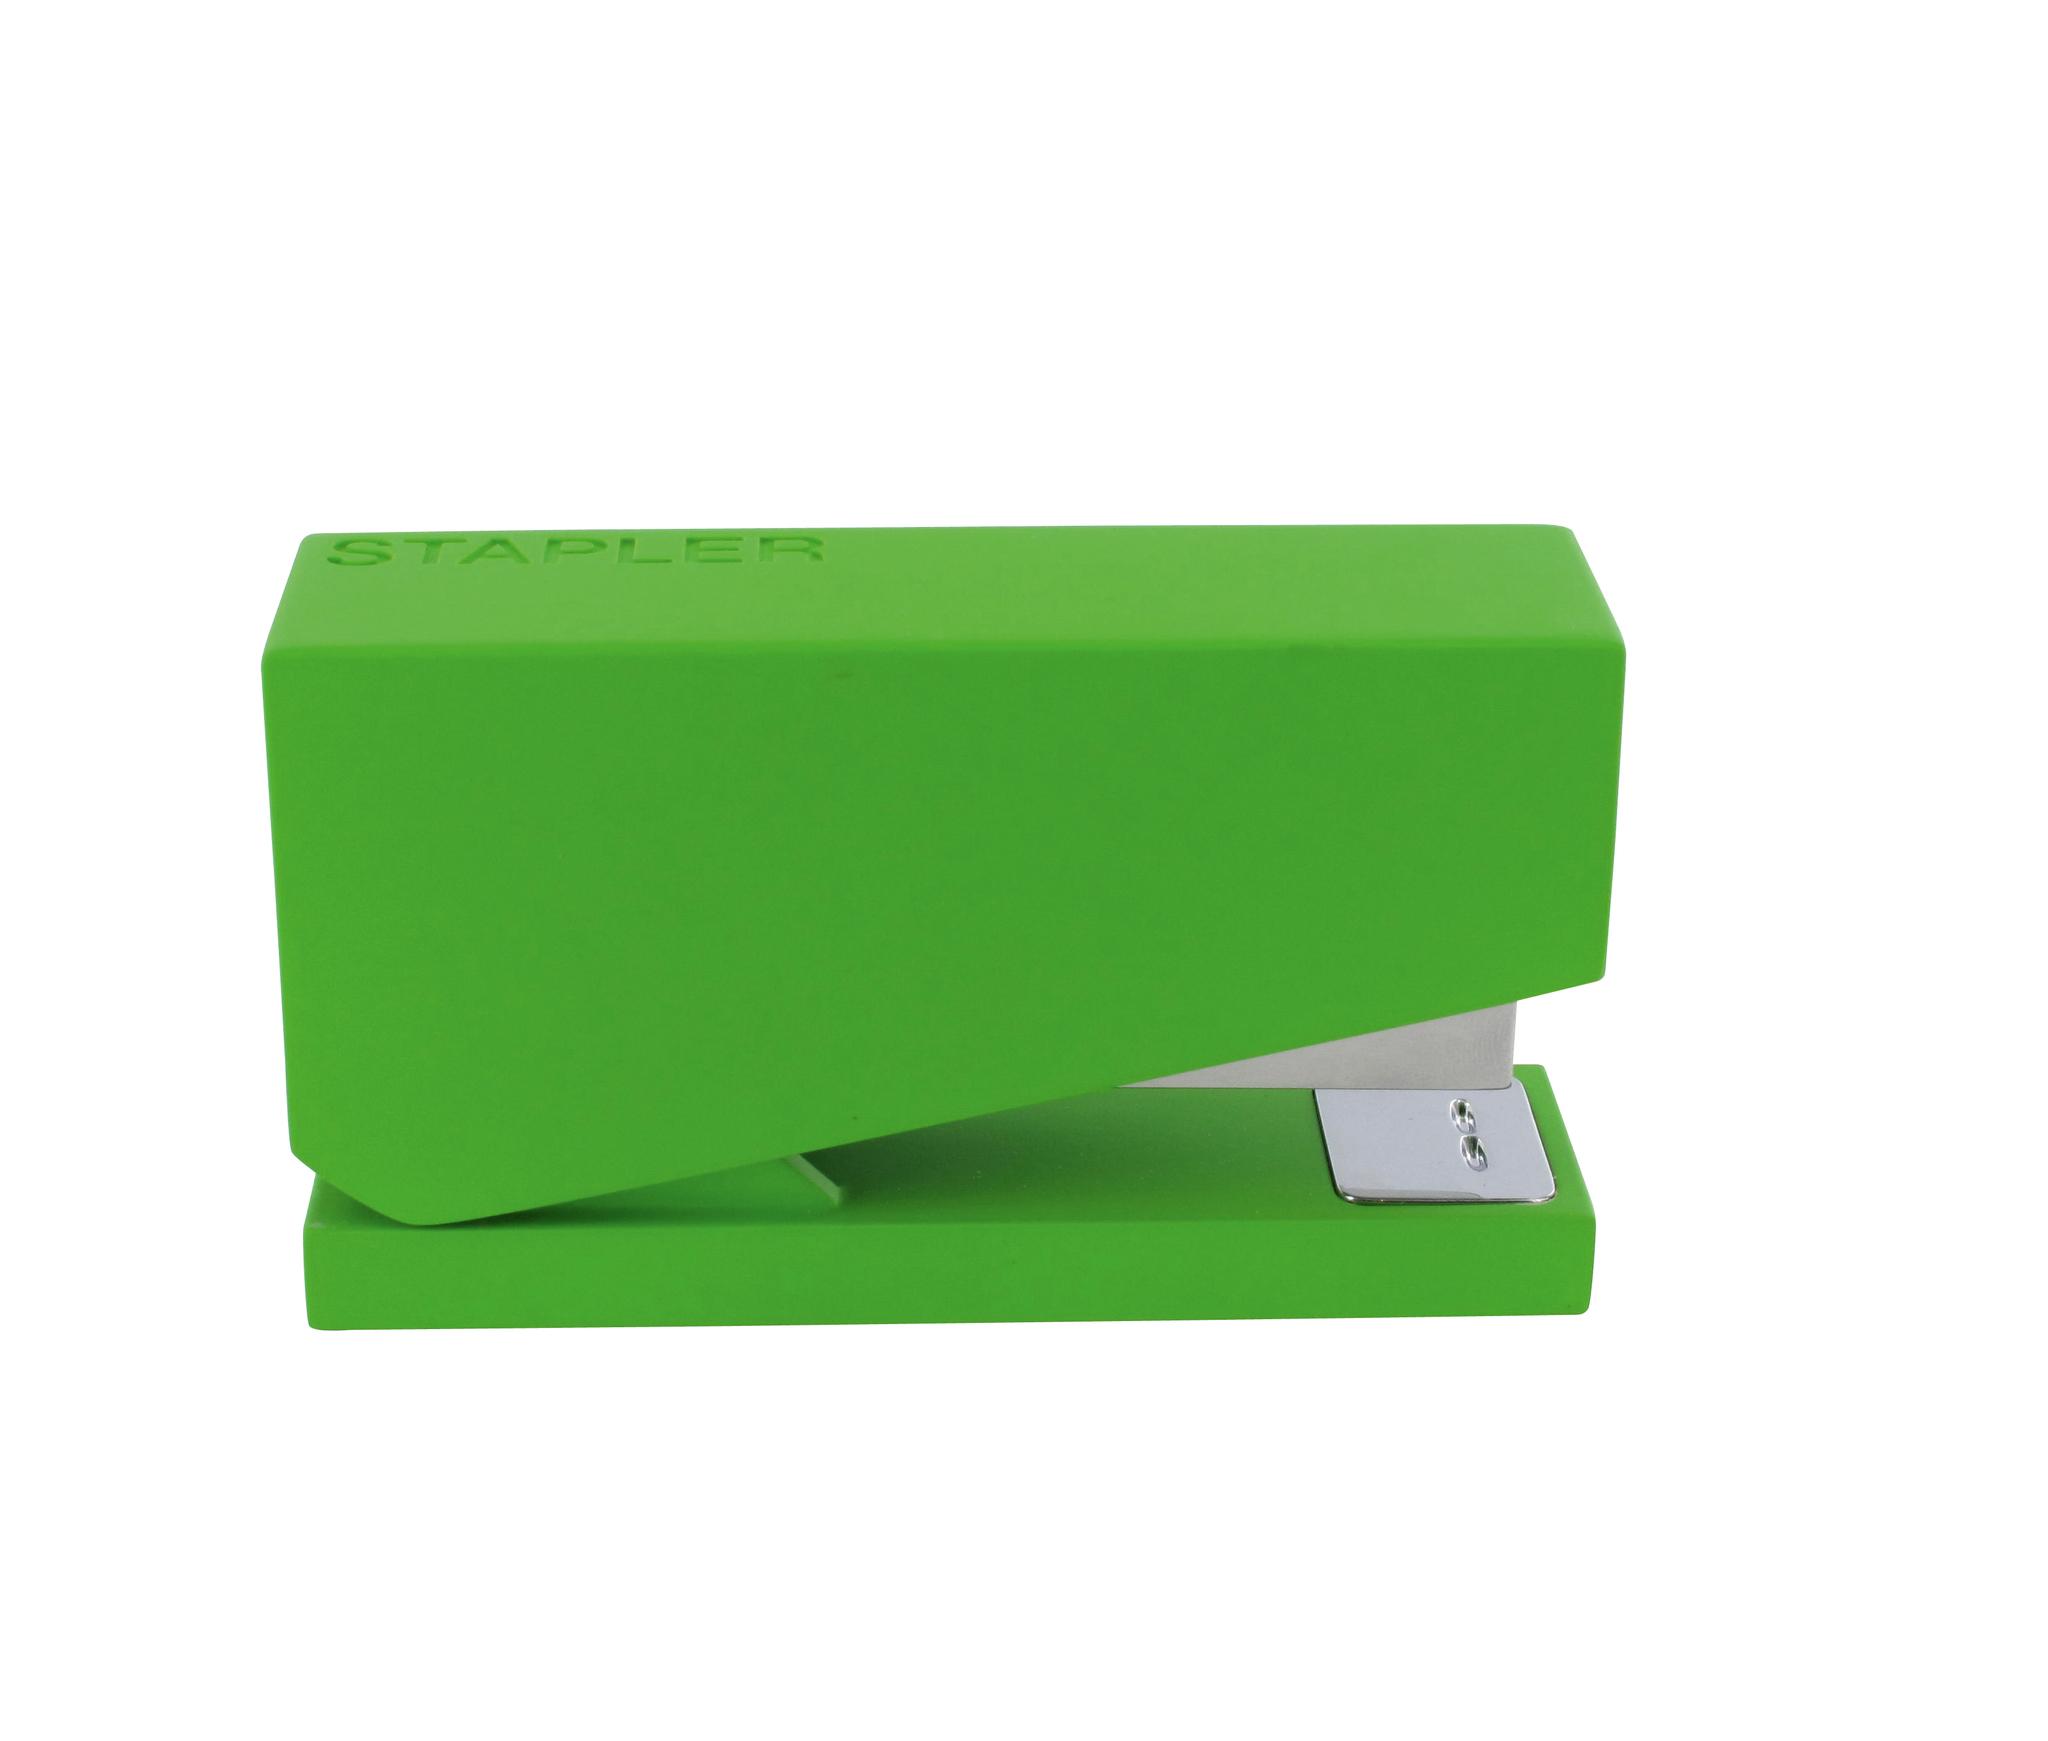 Gummi grün